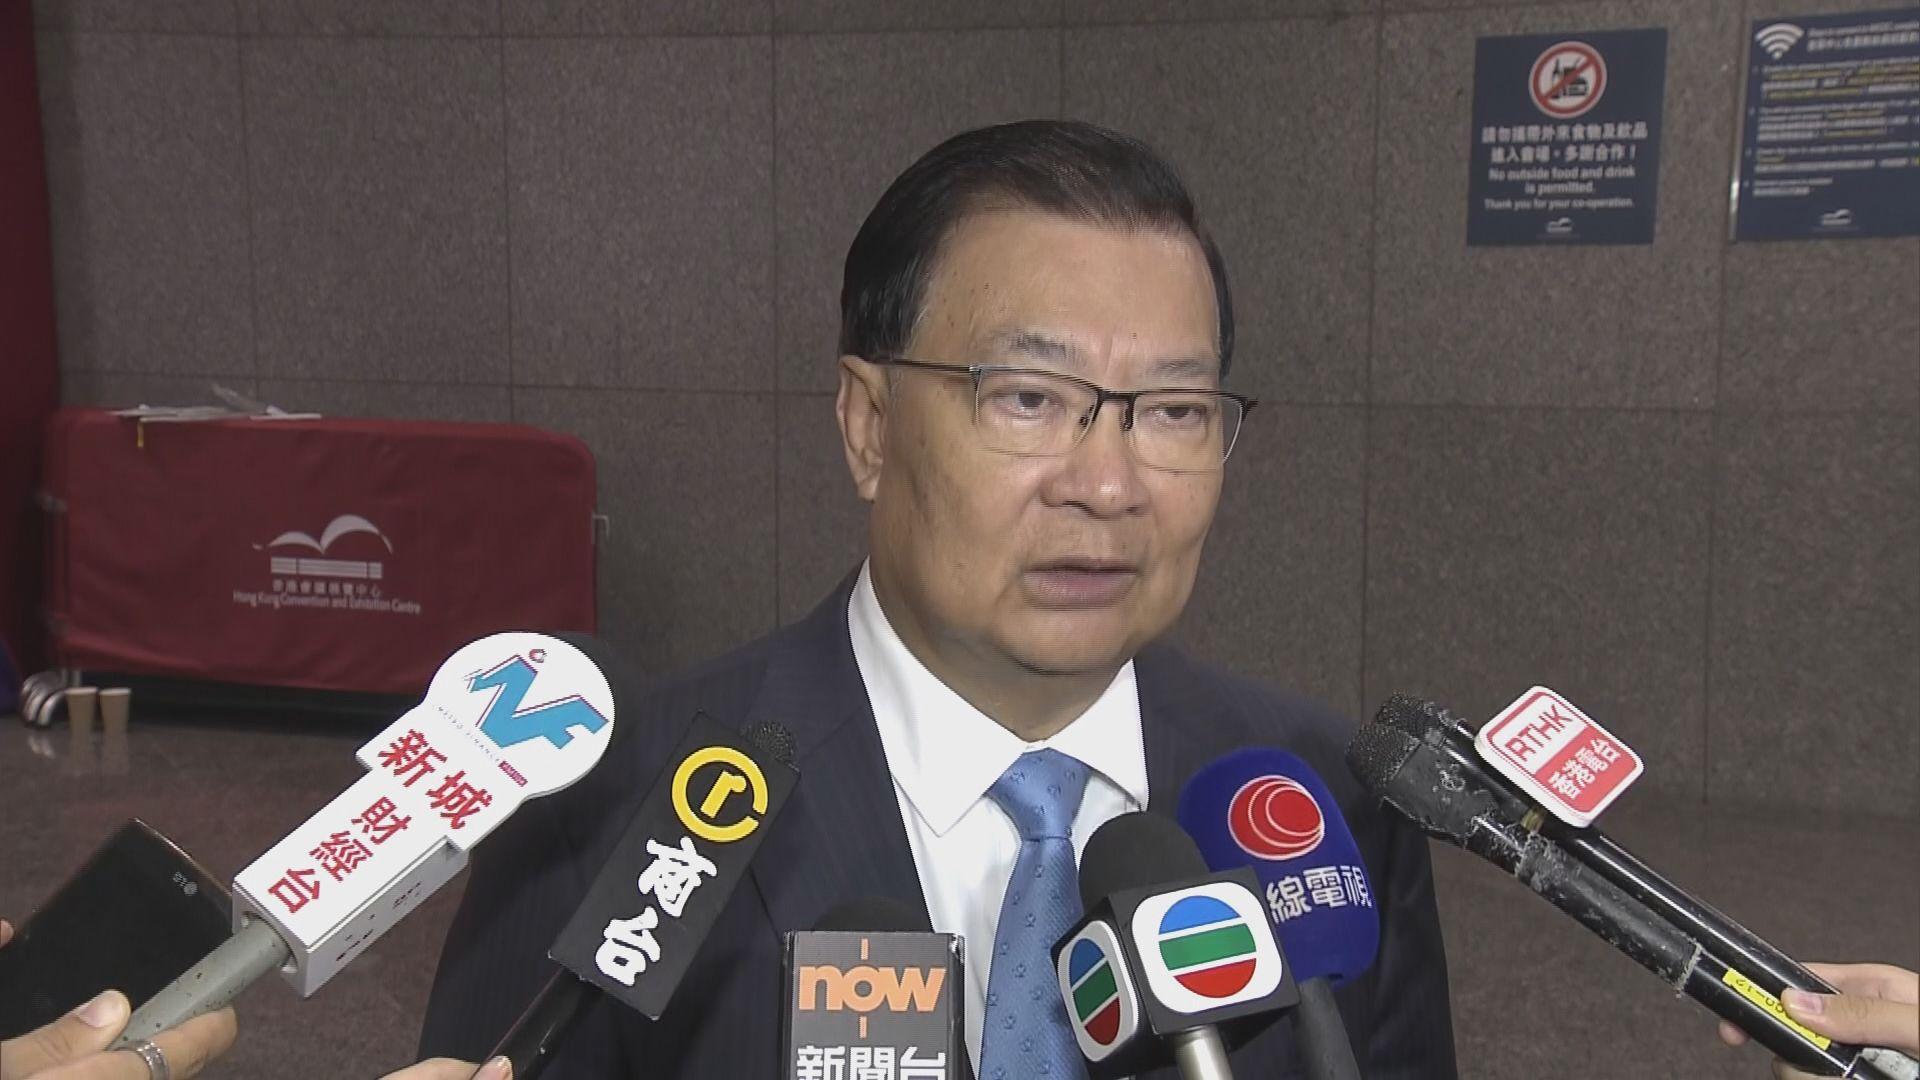 譚耀宗:正研究回鄉證升格為身份證明文件